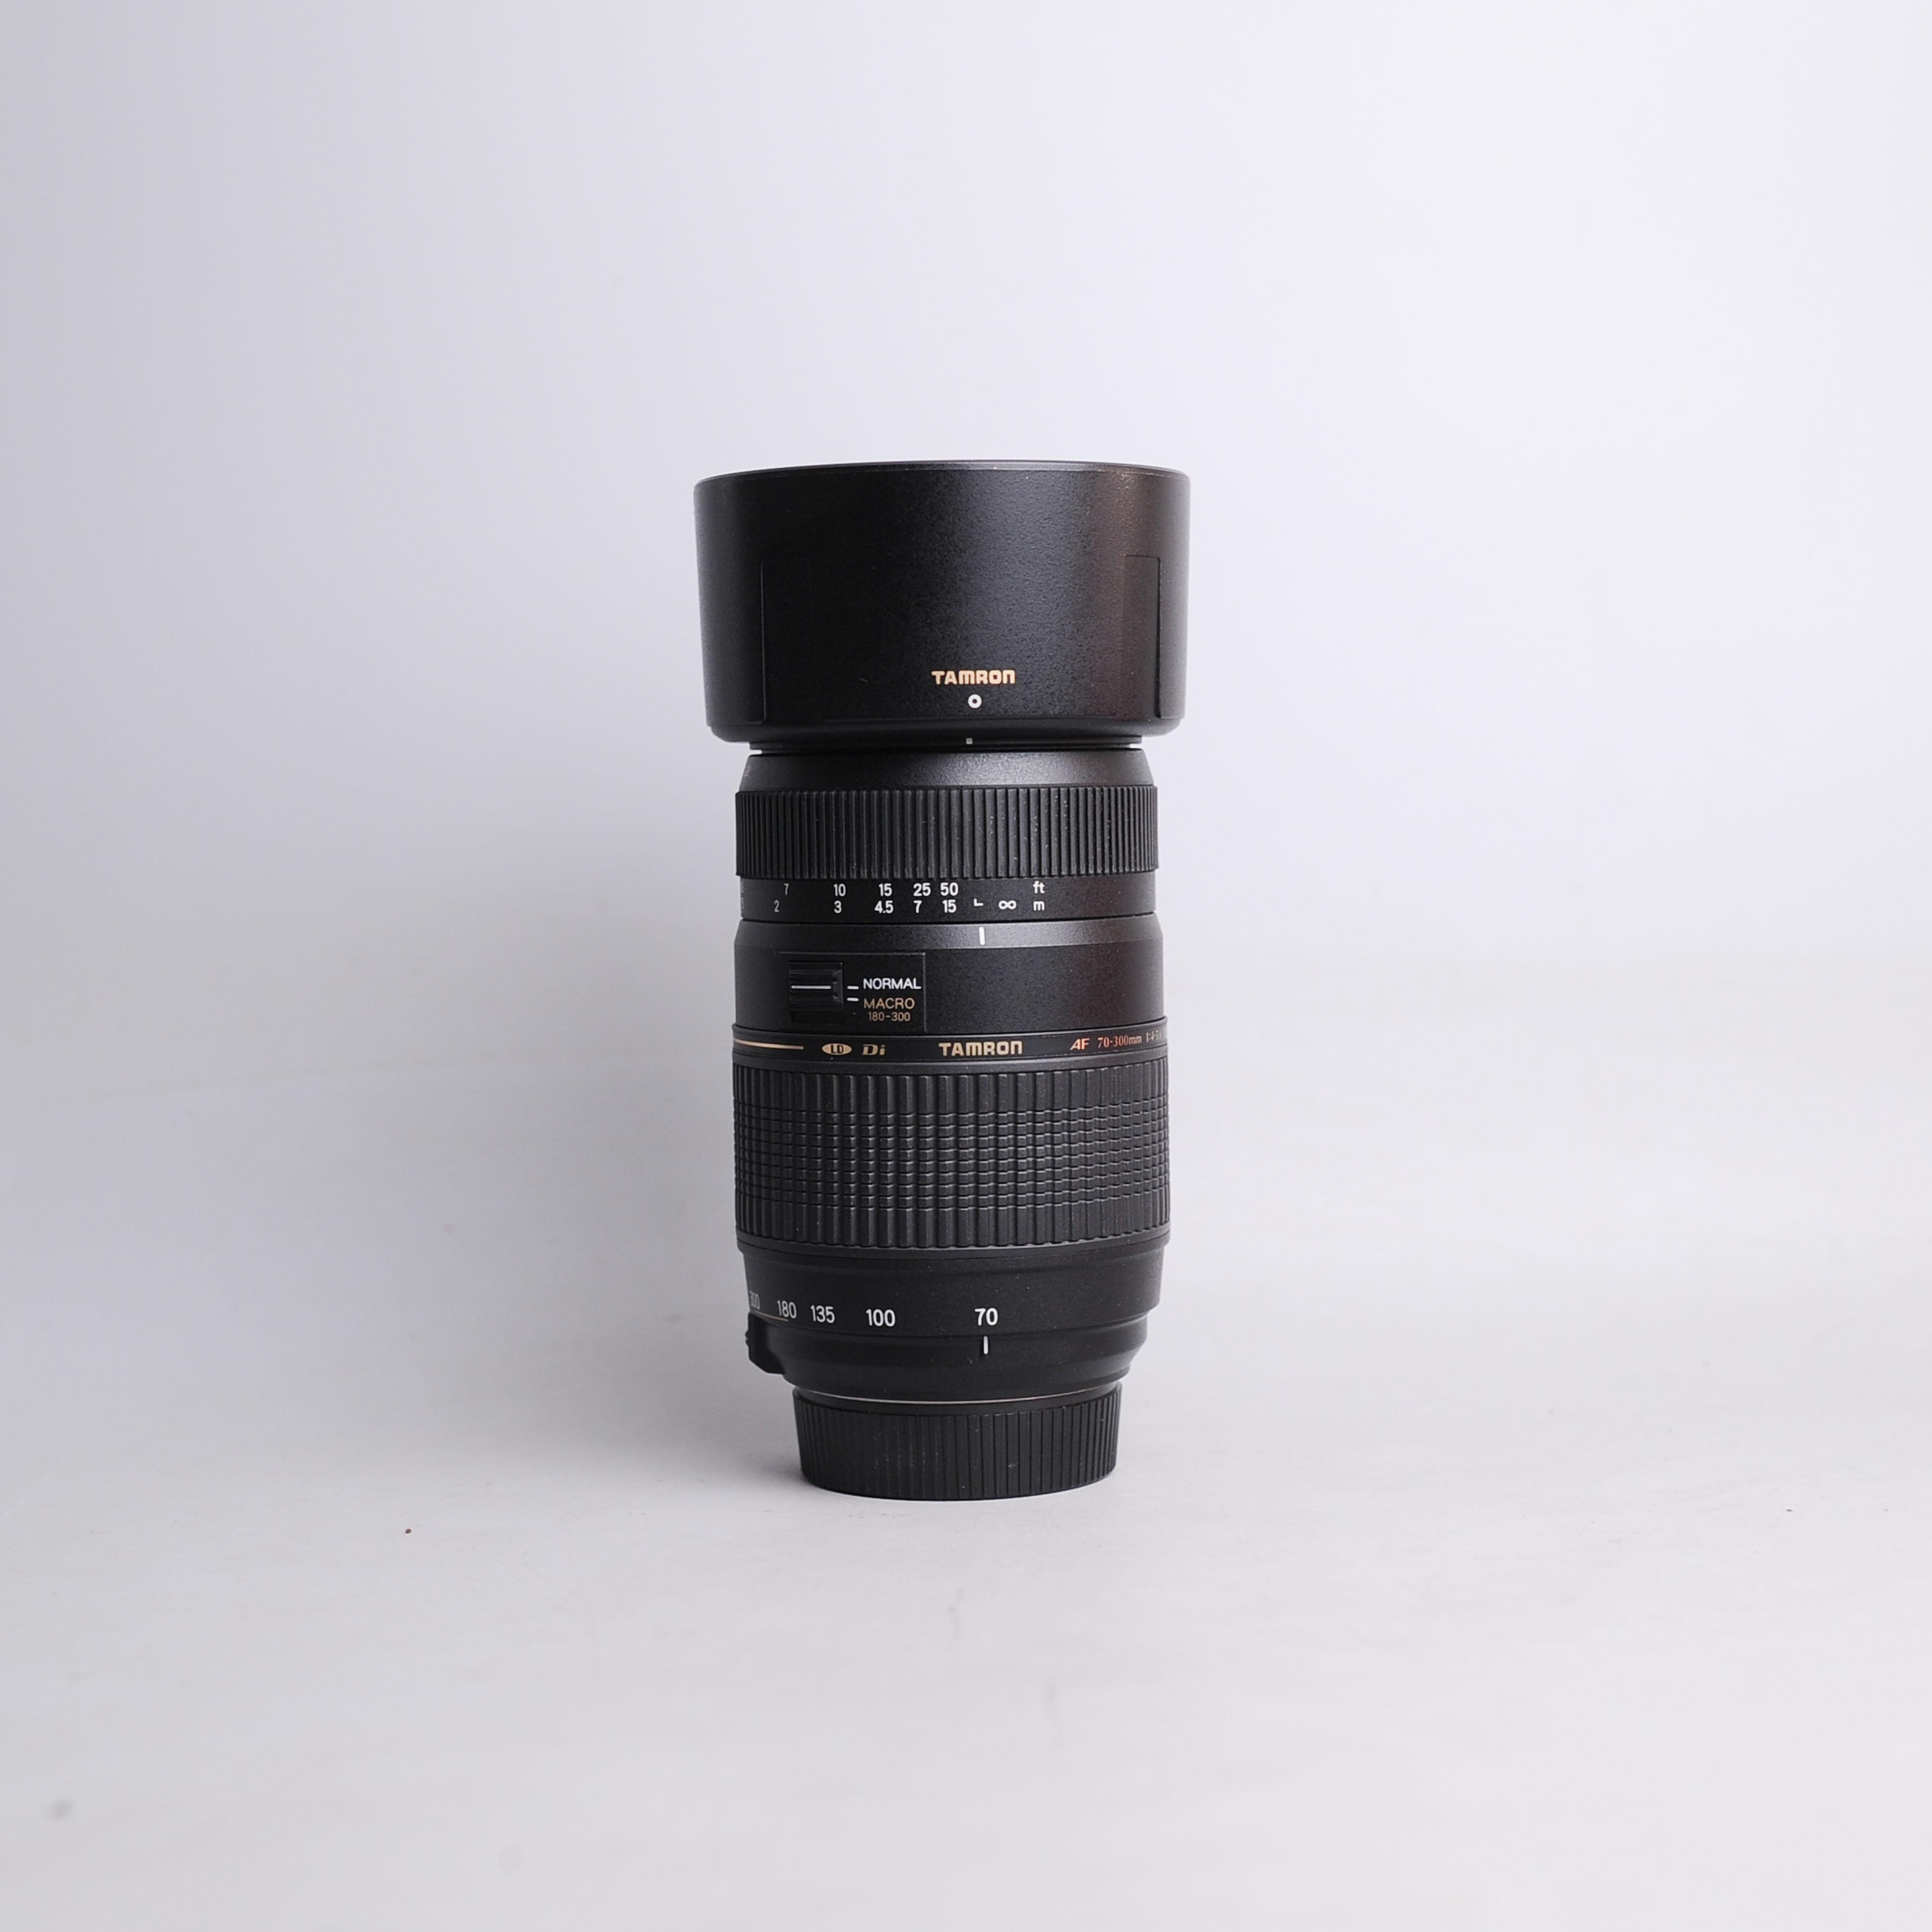 tamron-70-300mm-f4-5-6-af-tele-macro-nikon-70-300-4-5-6-18610